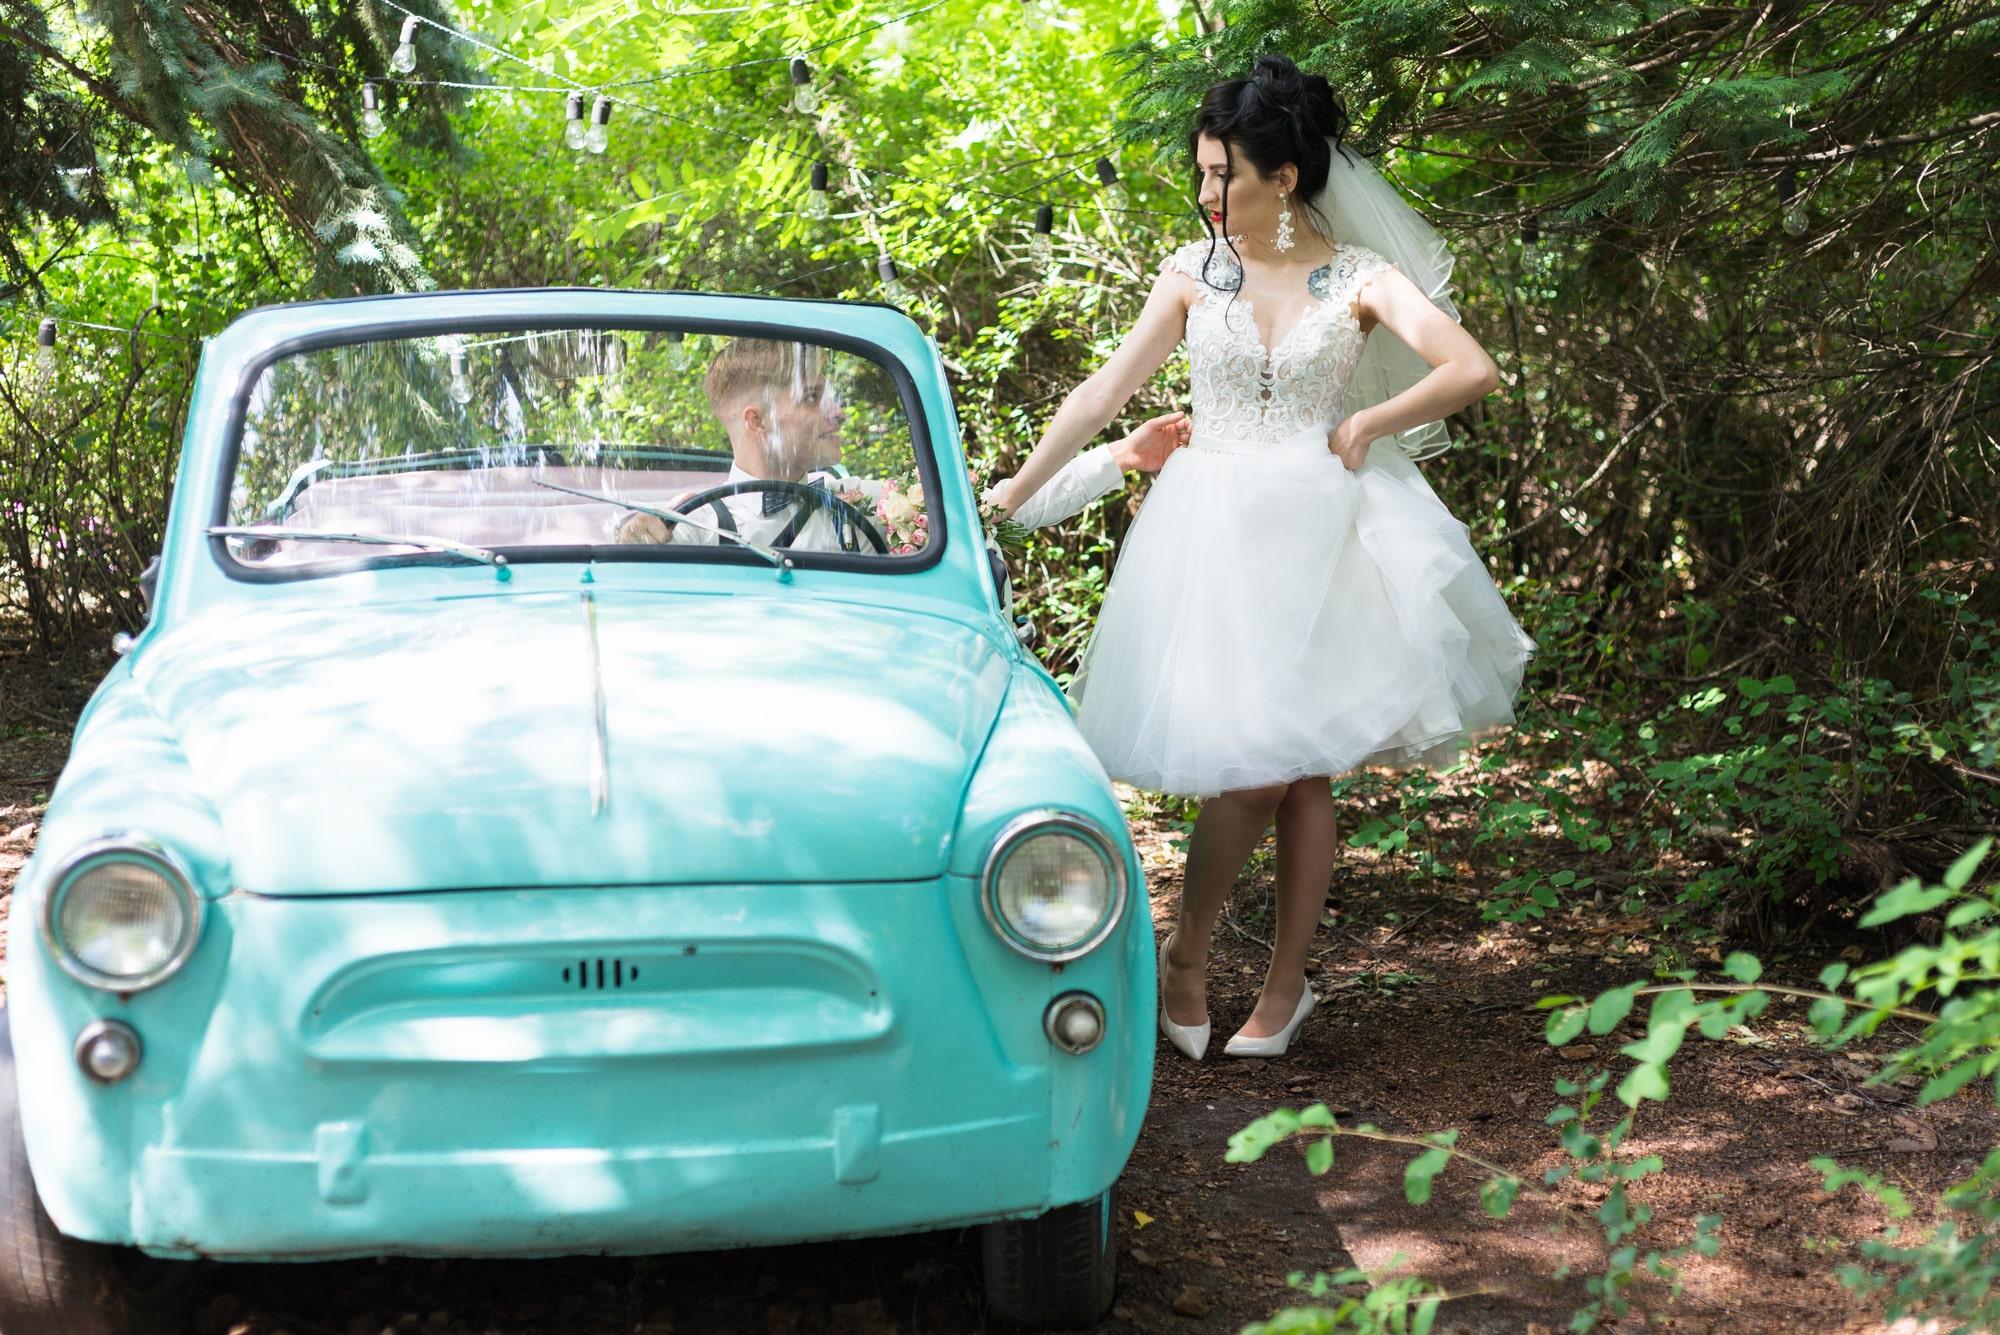 Свадебная фотосессия в студии Play - возле ретро машины